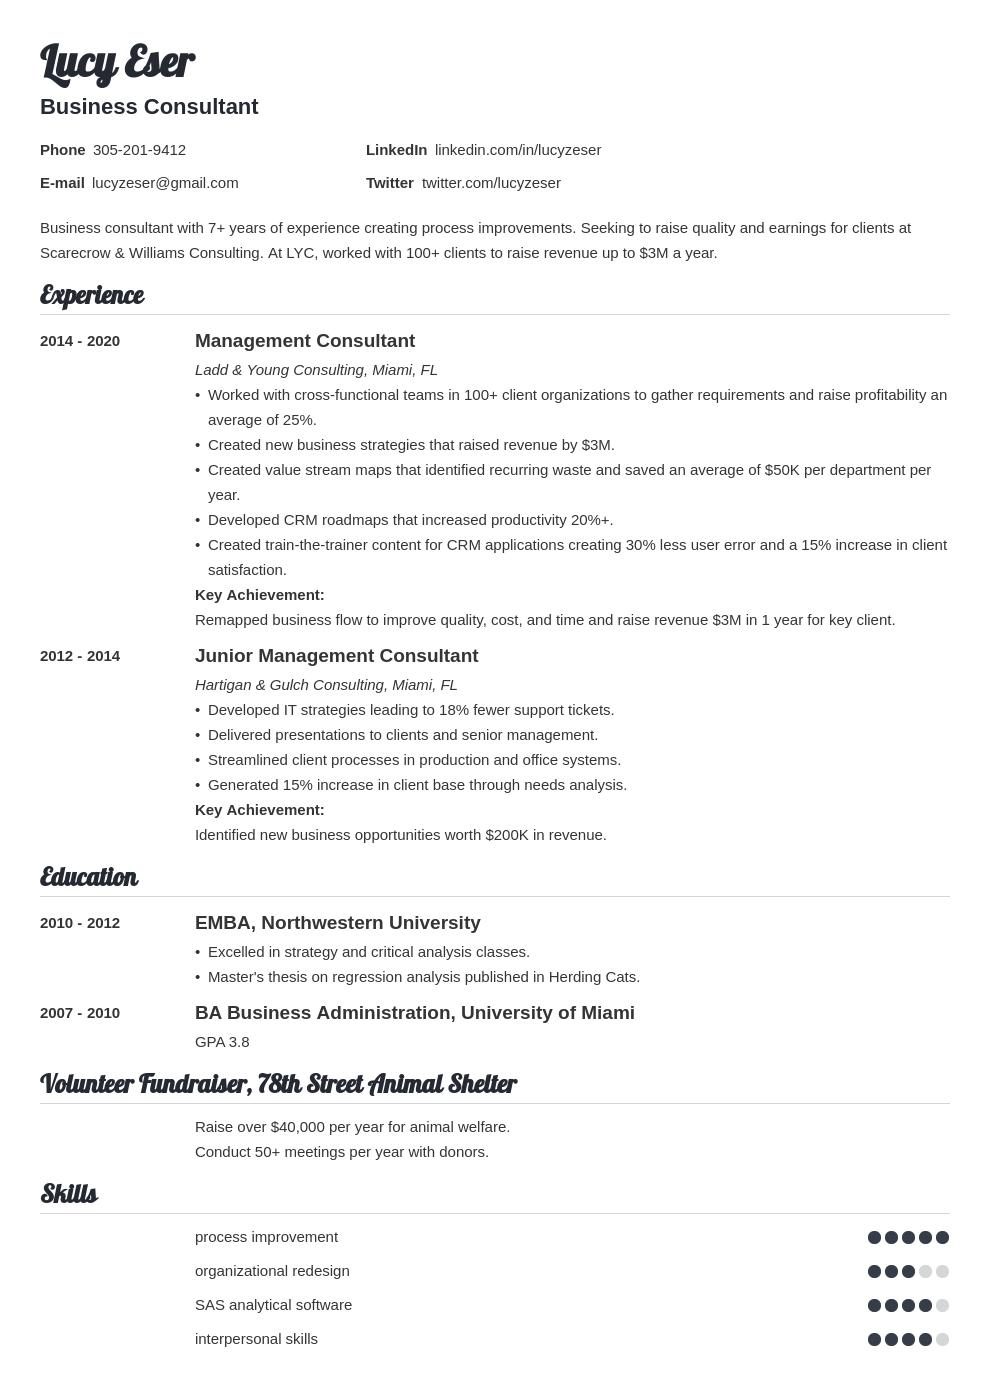 consultant template valera uk